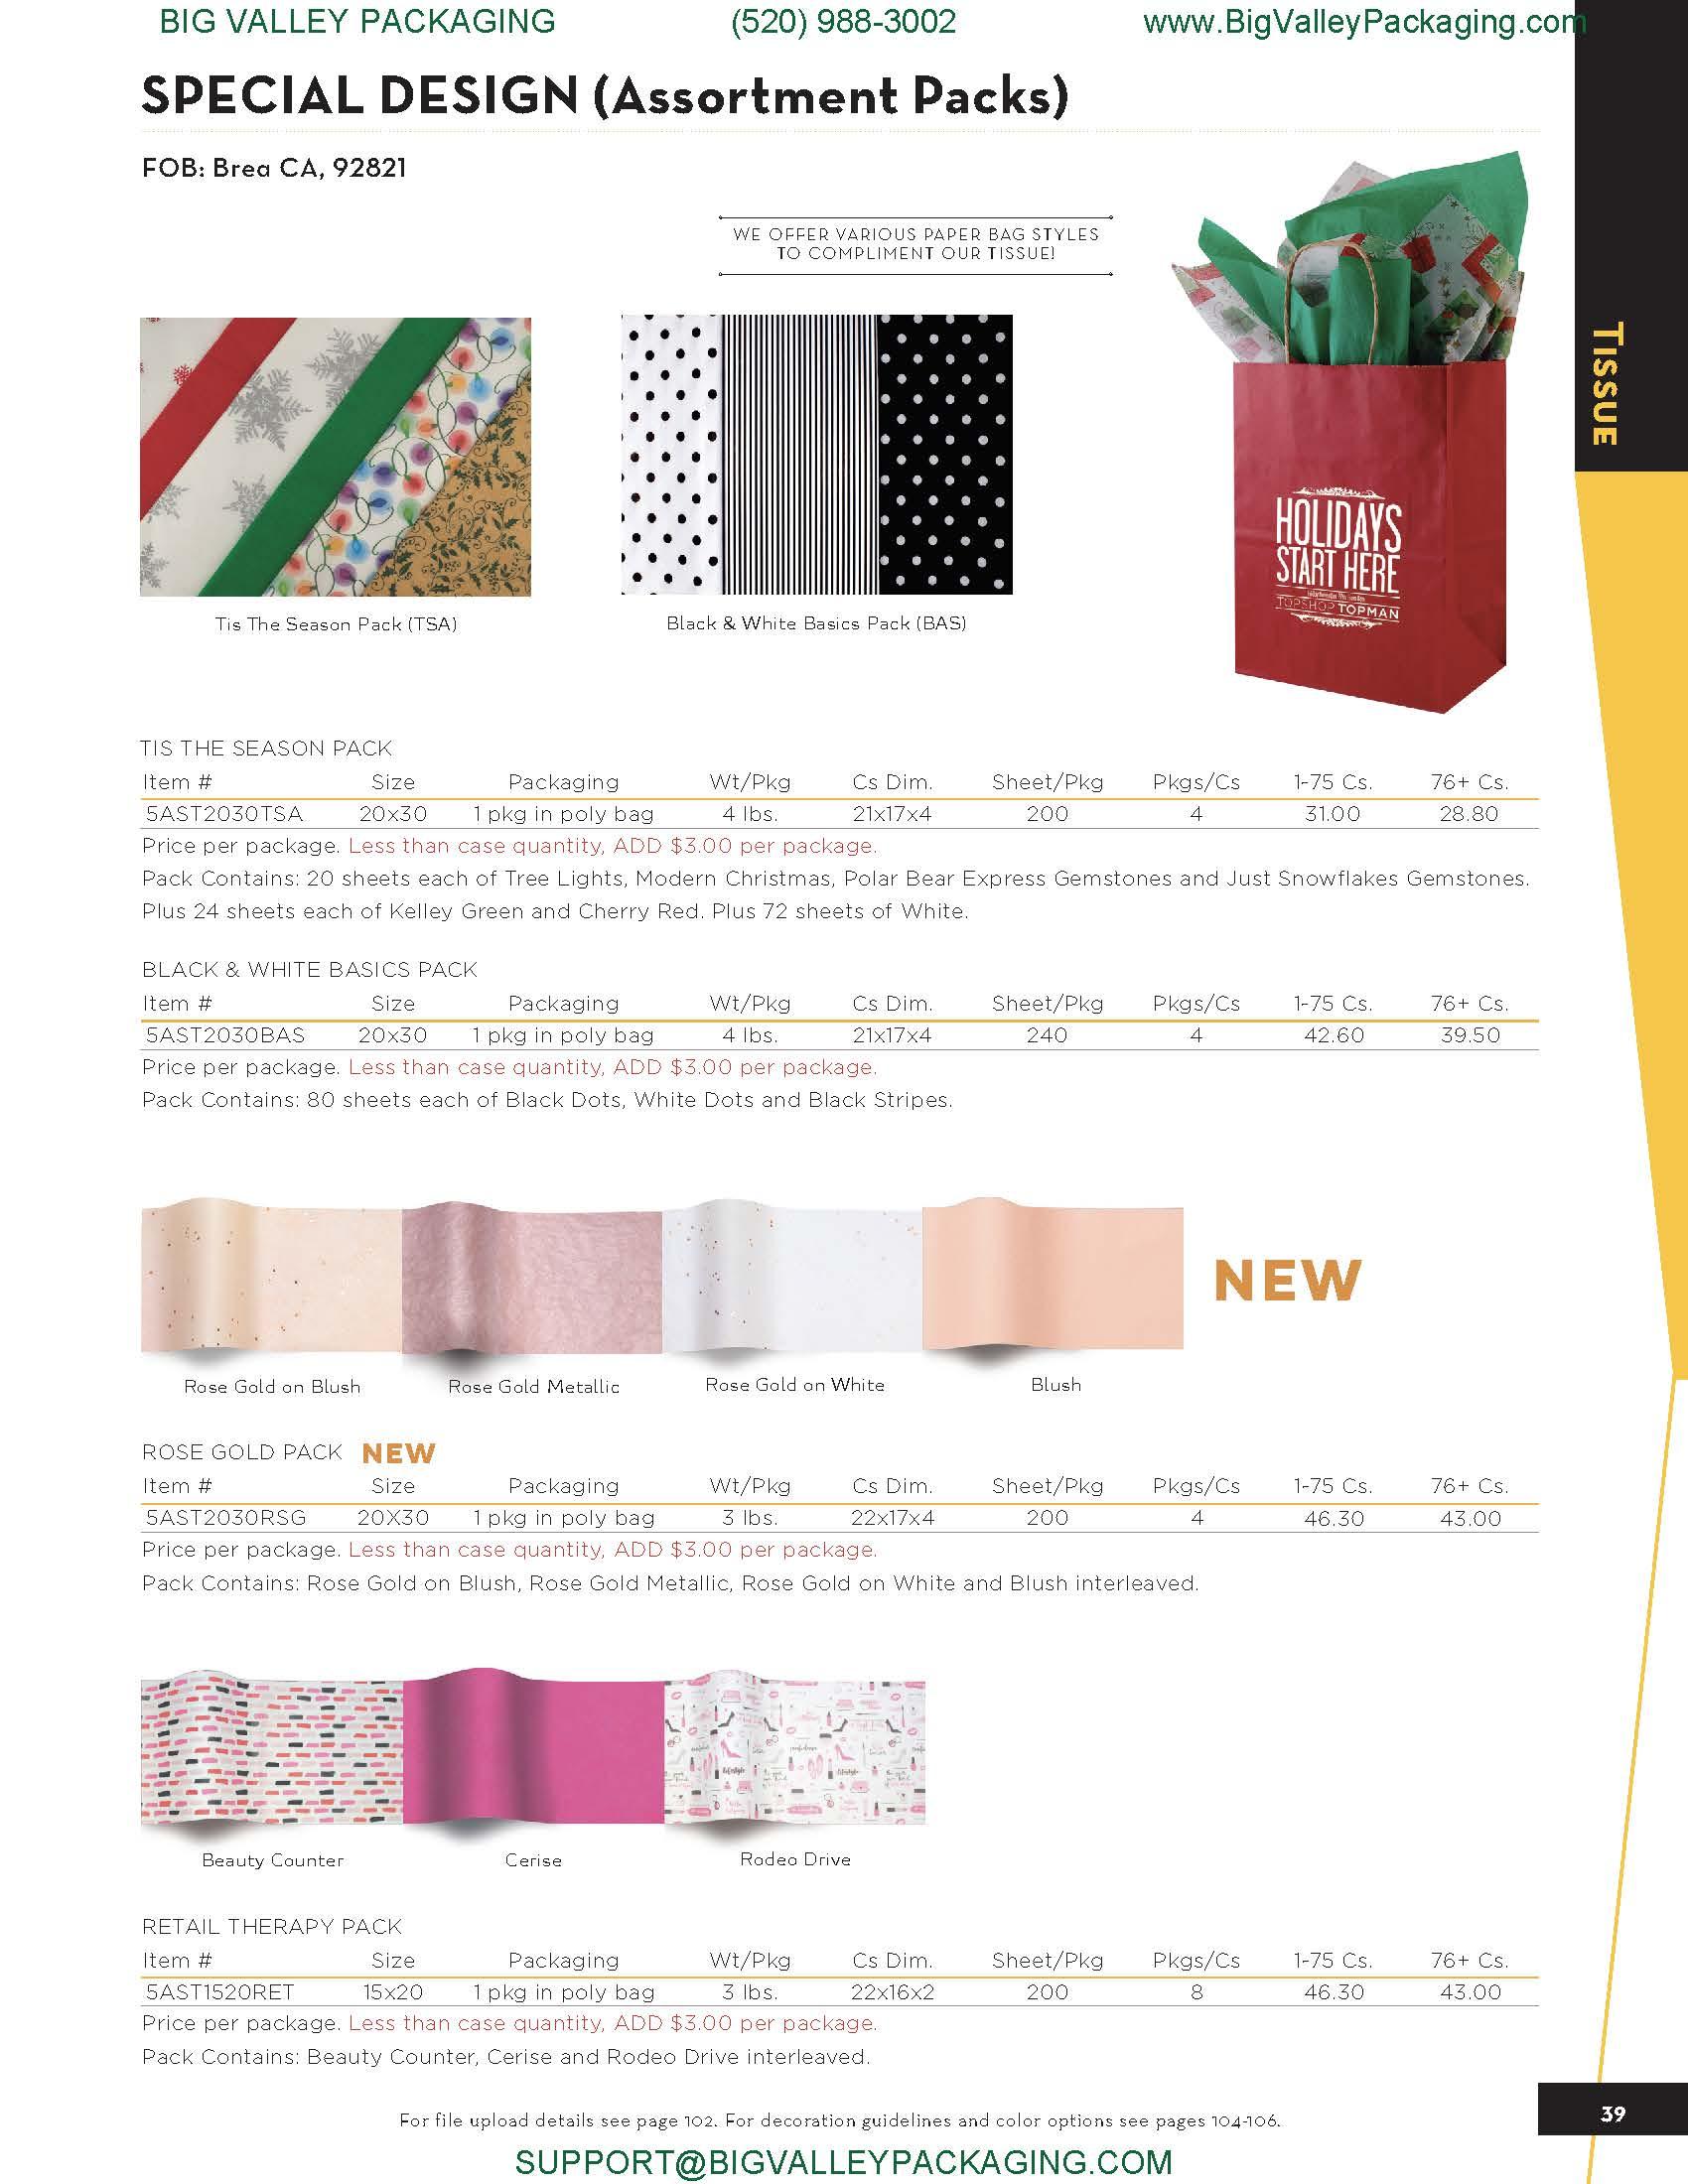 SPECIAL DESIGN TISSUE (Assortment Packs)